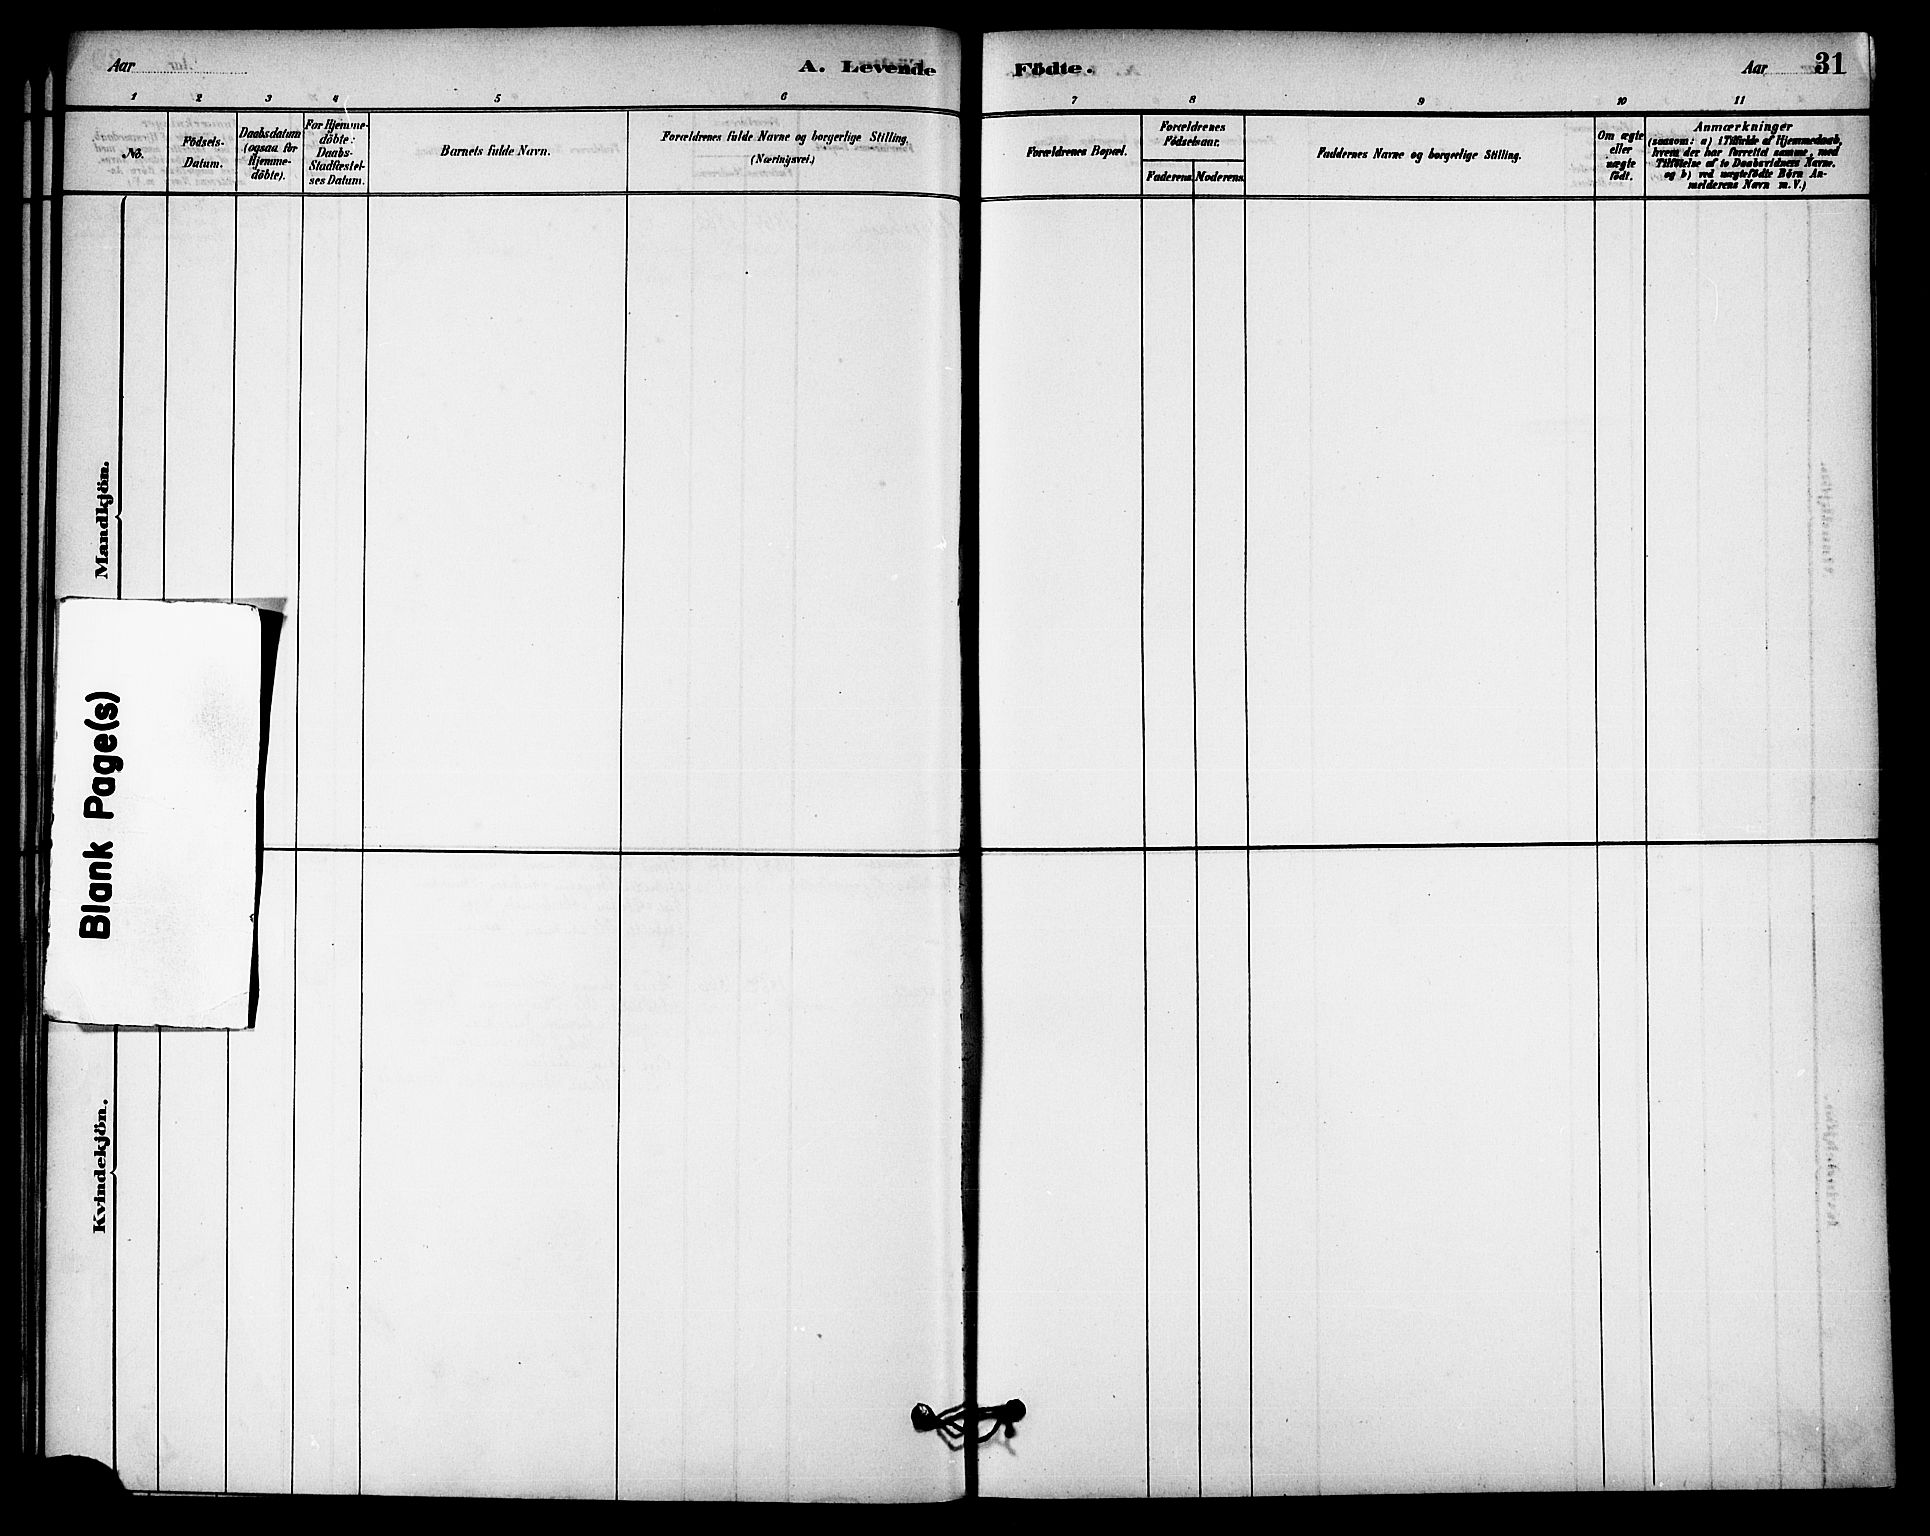 SAT, Ministerialprotokoller, klokkerbøker og fødselsregistre - Nord-Trøndelag, 740/L0378: Ministerialbok nr. 740A01, 1881-1895, s. 31